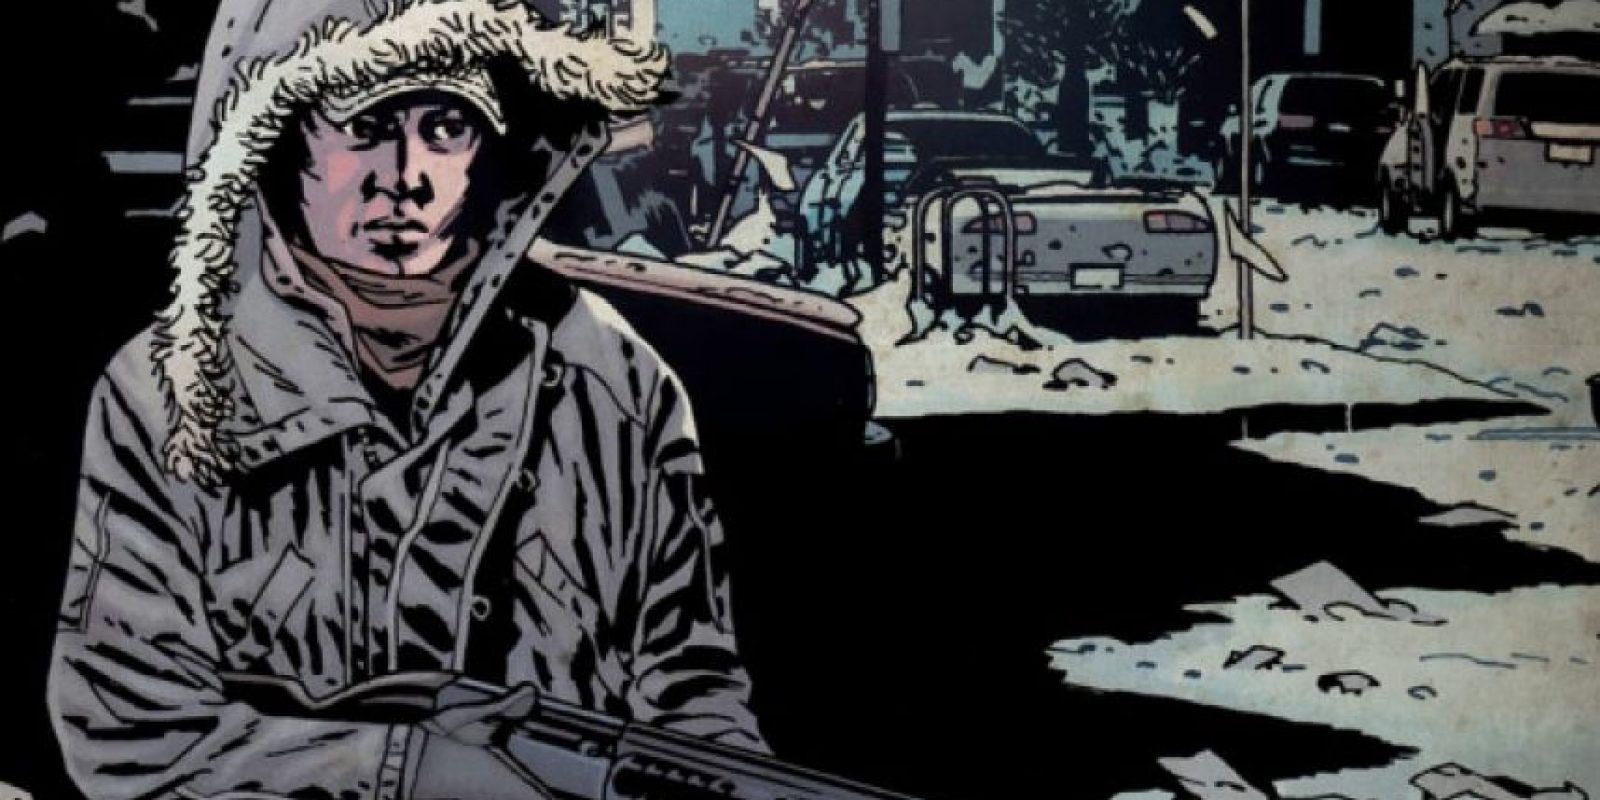 En el cómic, Glenn se casa con Maggie y adoptan a Sofía. El personaje muere al ser emboscado. Foto:thewalkingdead.com